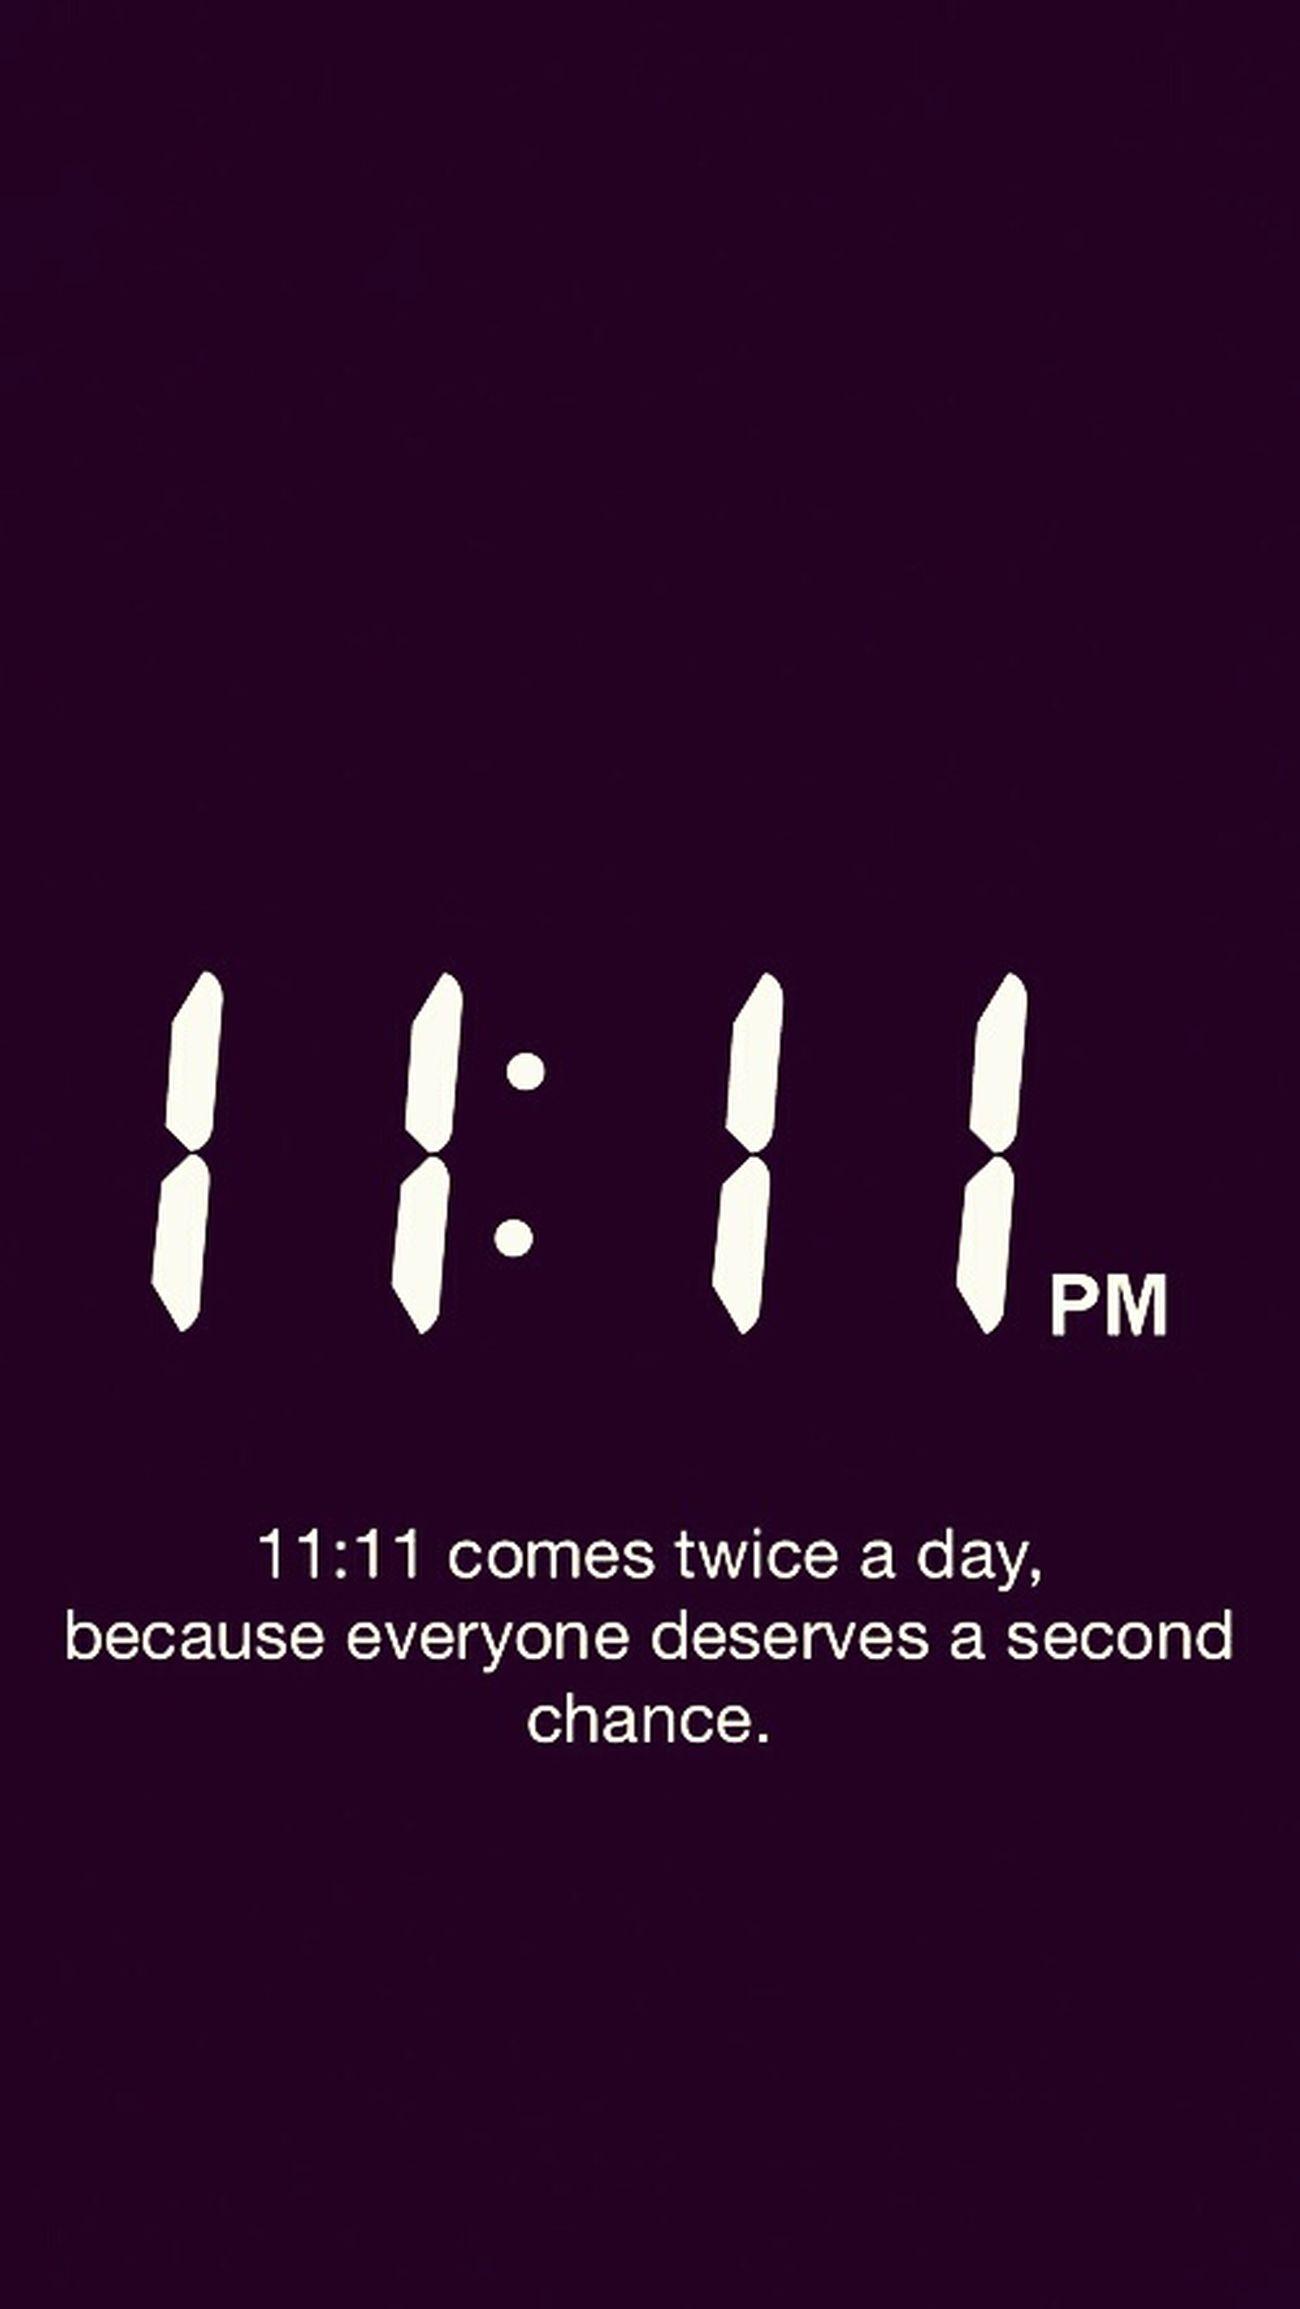 Blackandwhite 11:11 Make A Wish